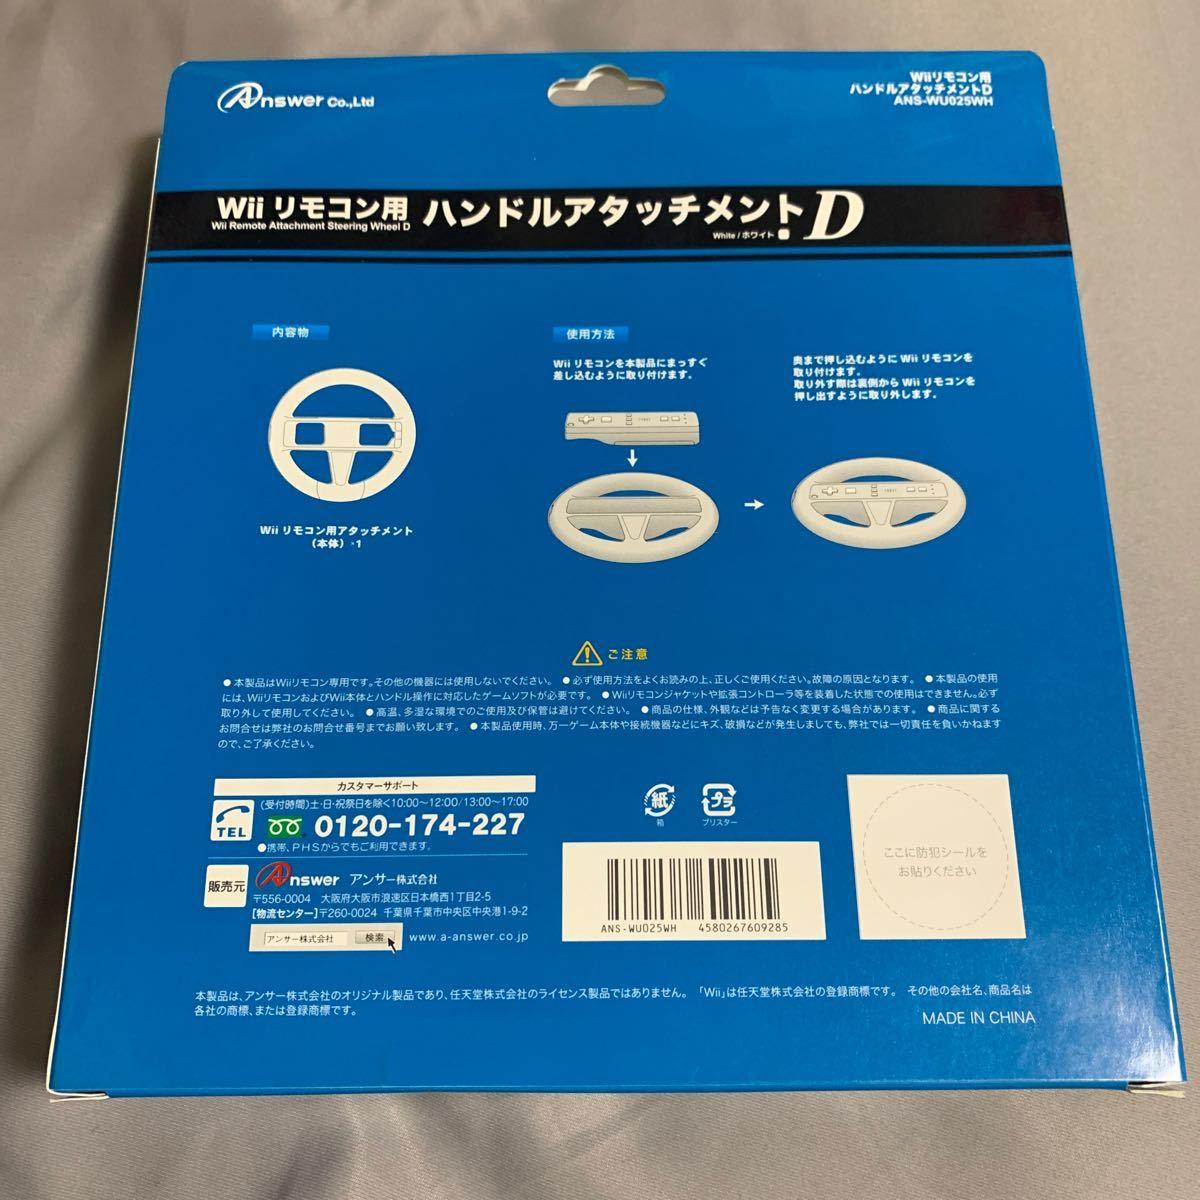 Wiiリモコン用ハンドルアタッチメントD ANS-WU025WH ホワイト アンサー